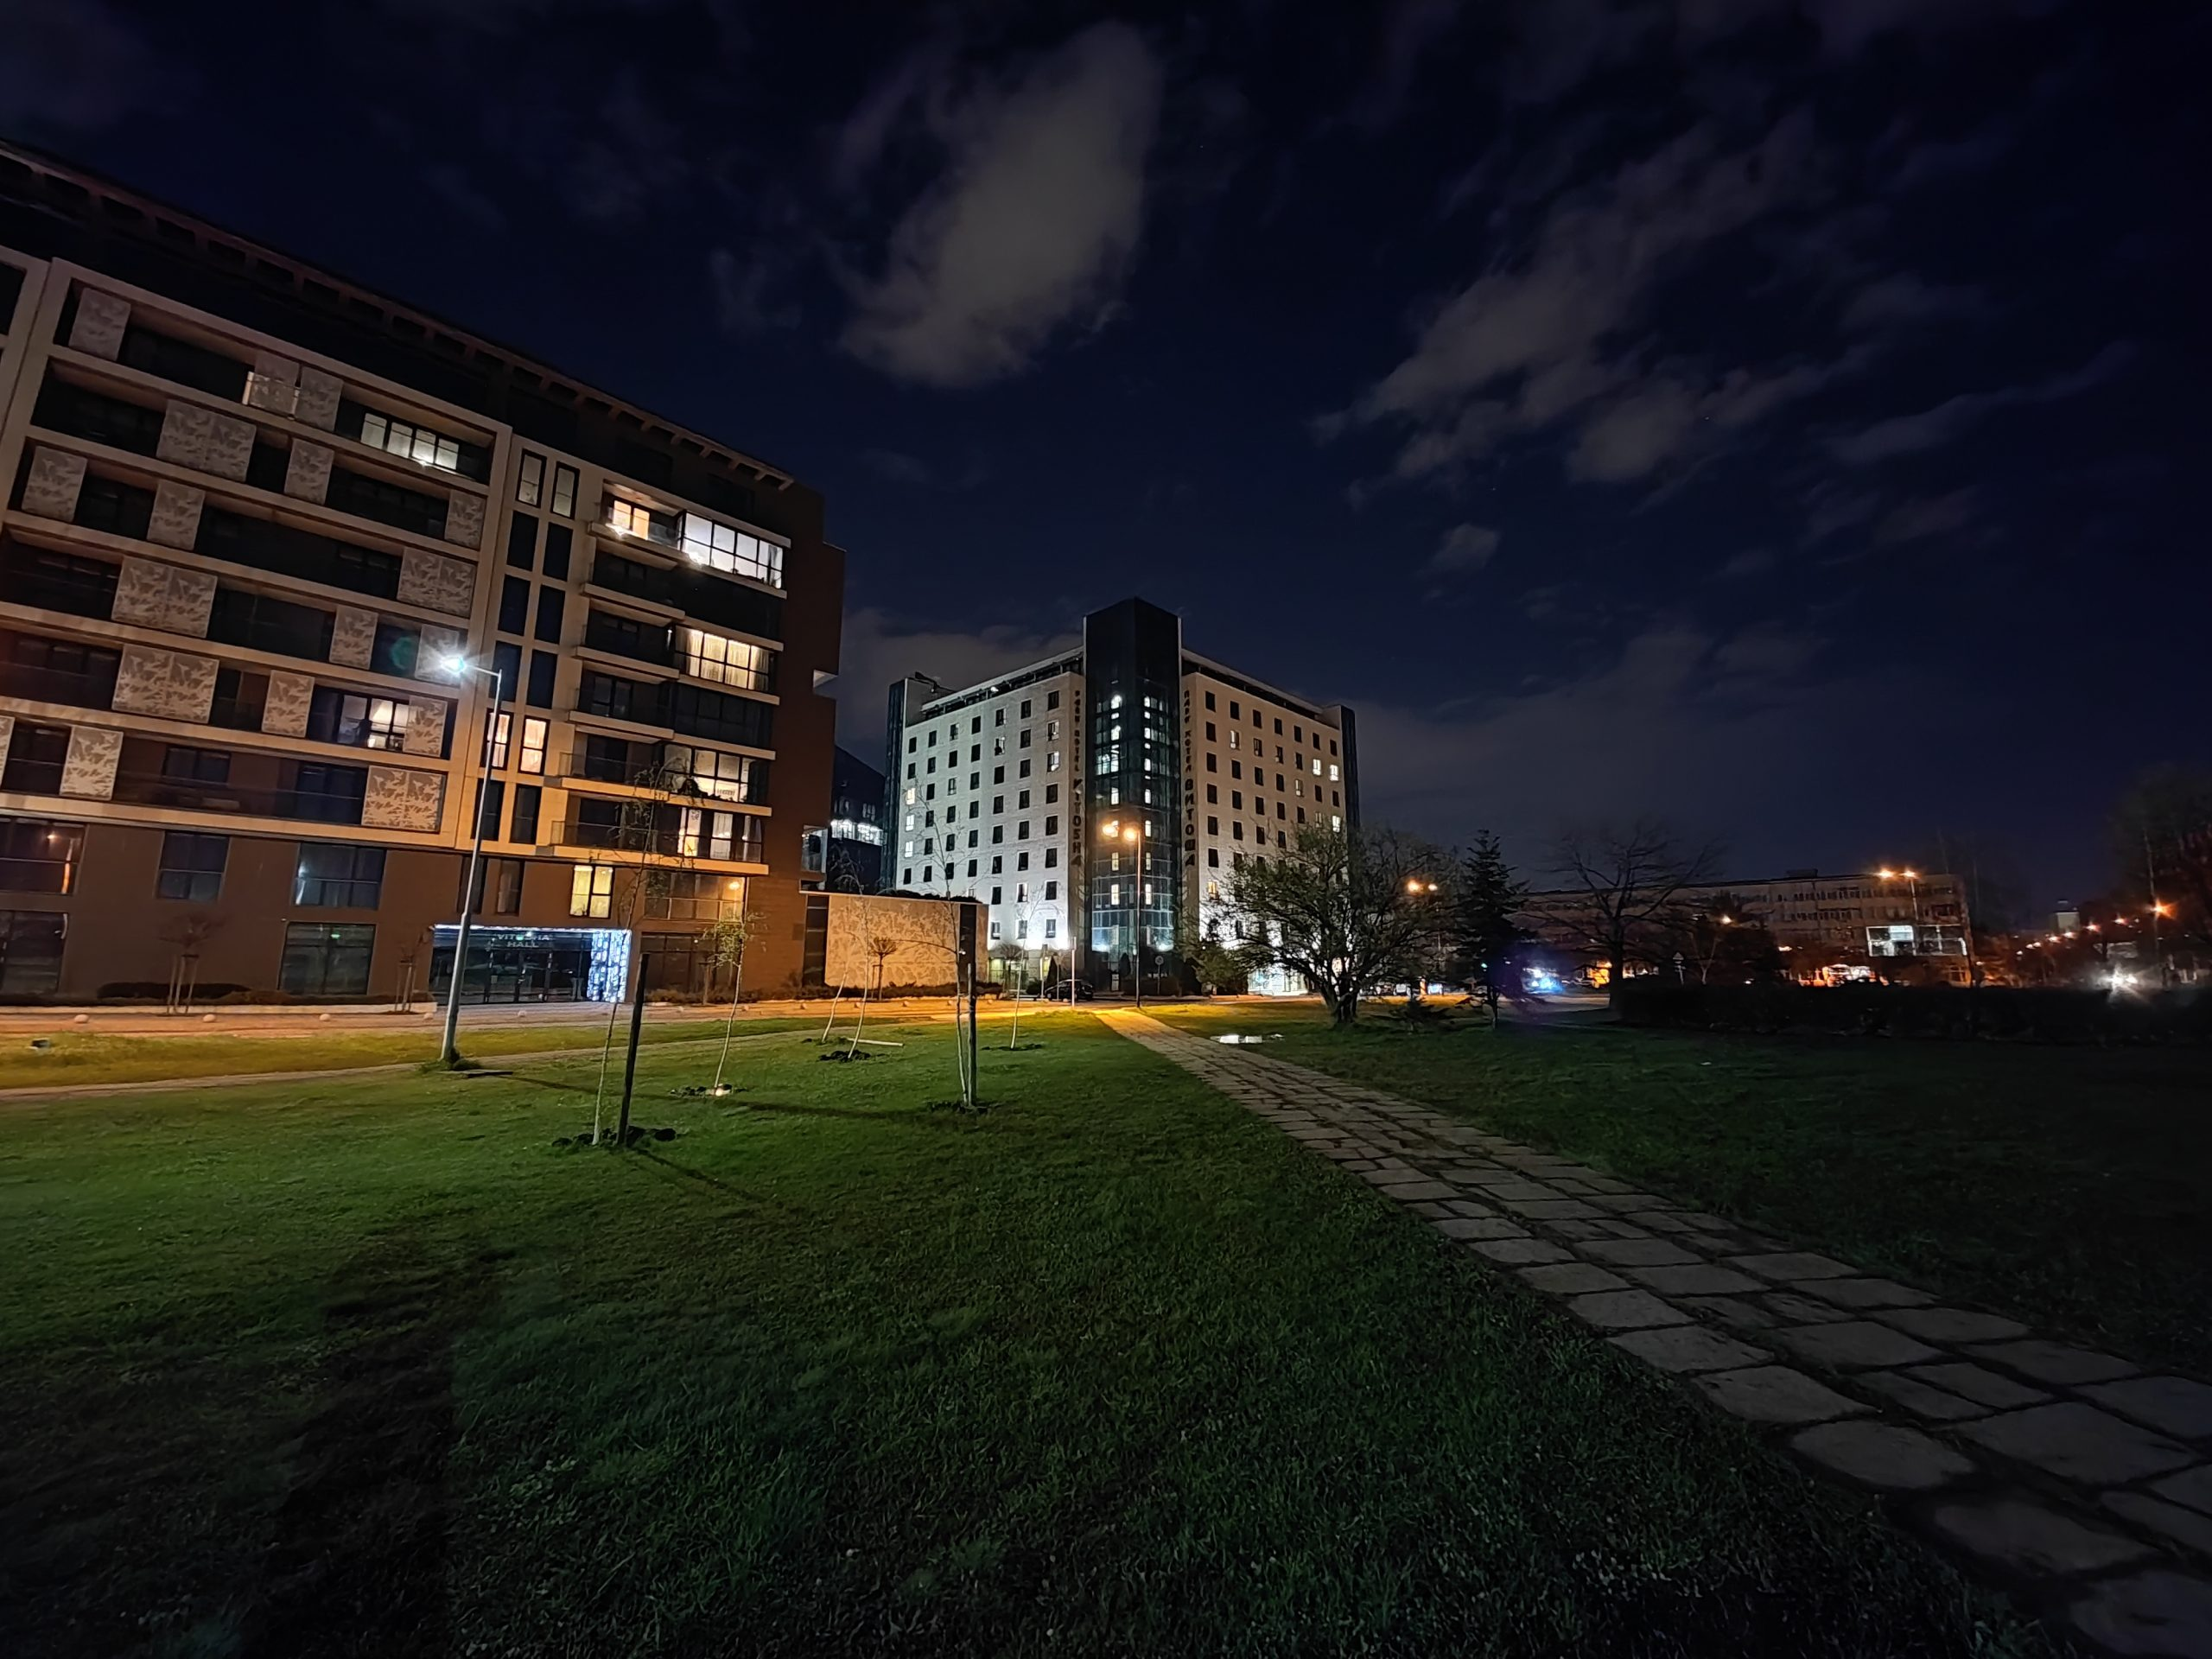 دوربین فوق عریض می 11 اولترا در شب با نایت مد scaled